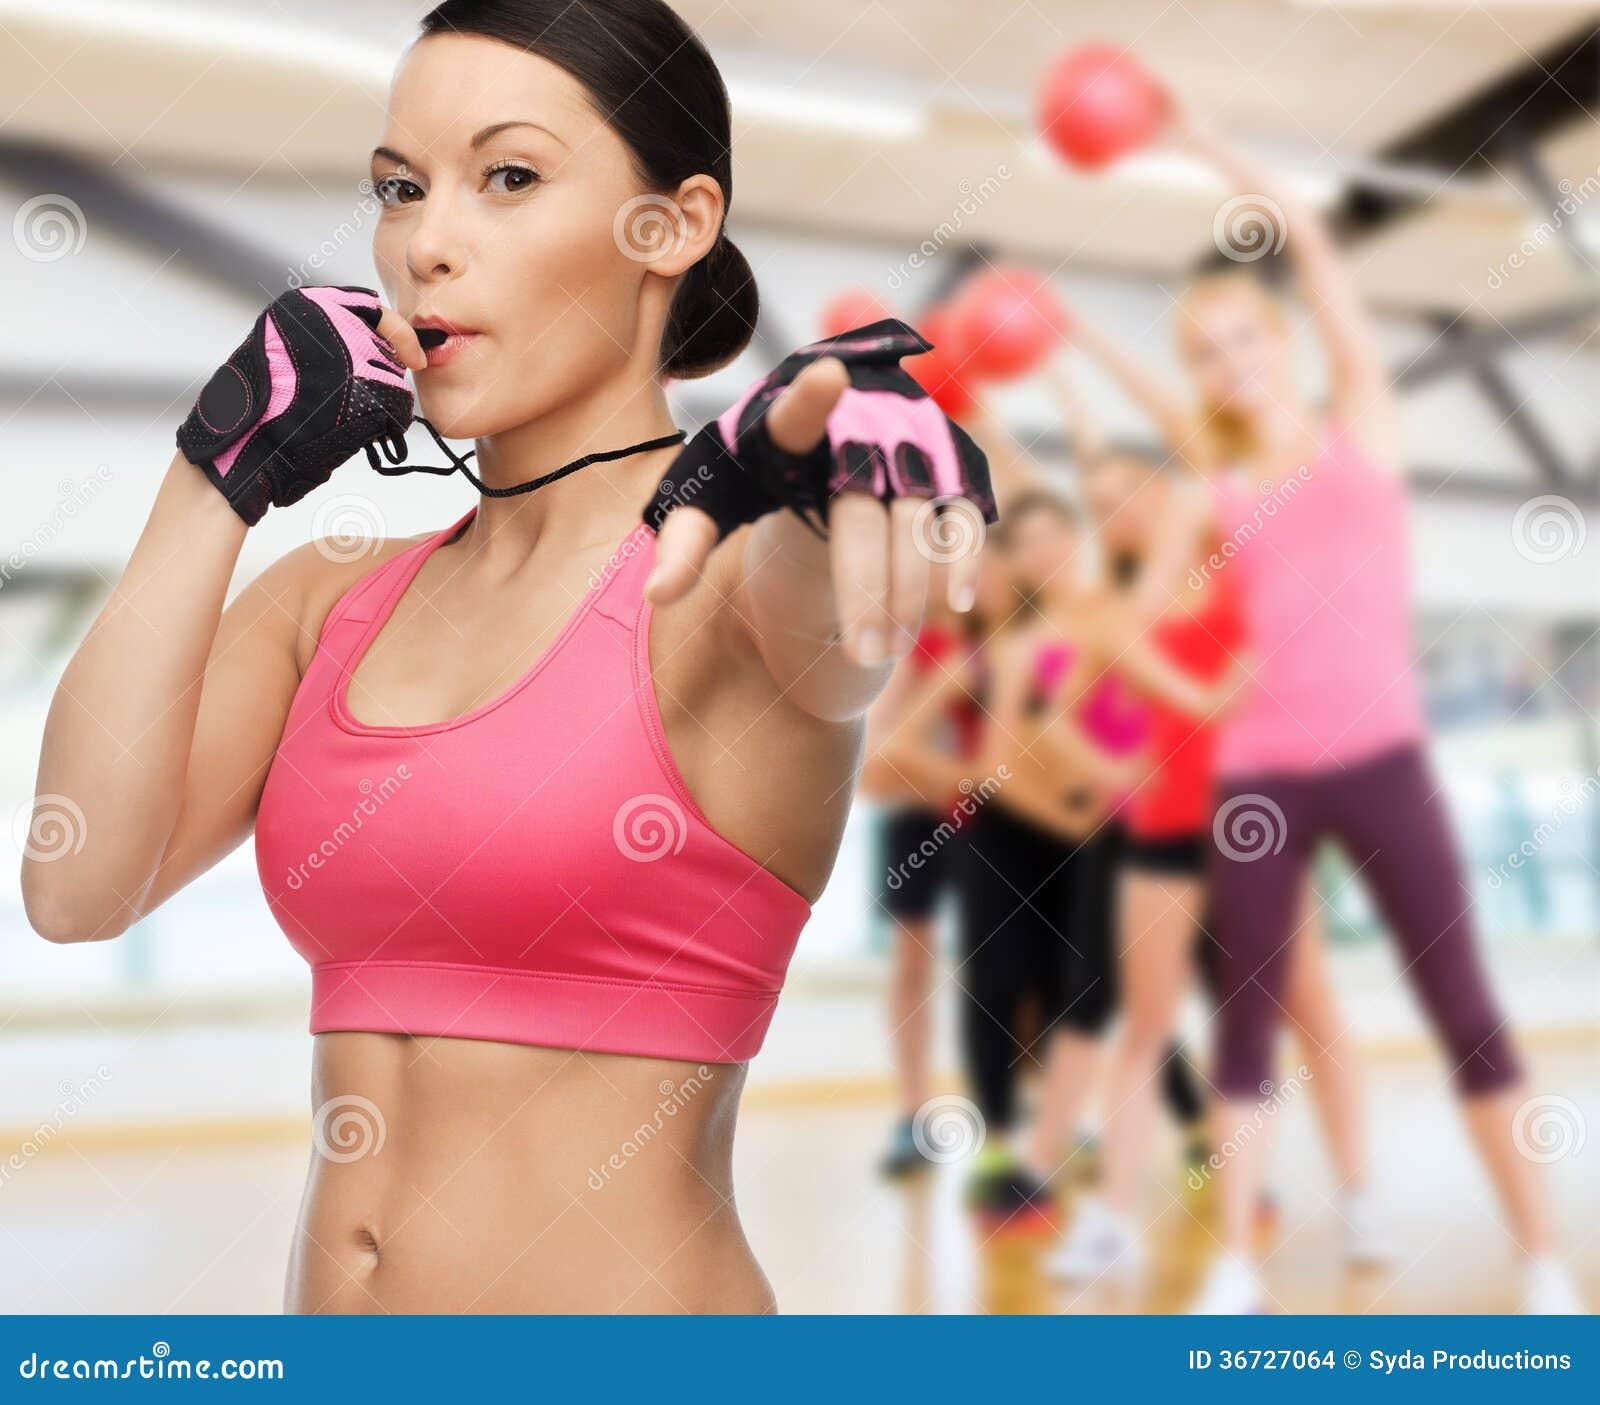 Im Gym bläst und bumst die sportliche Milf